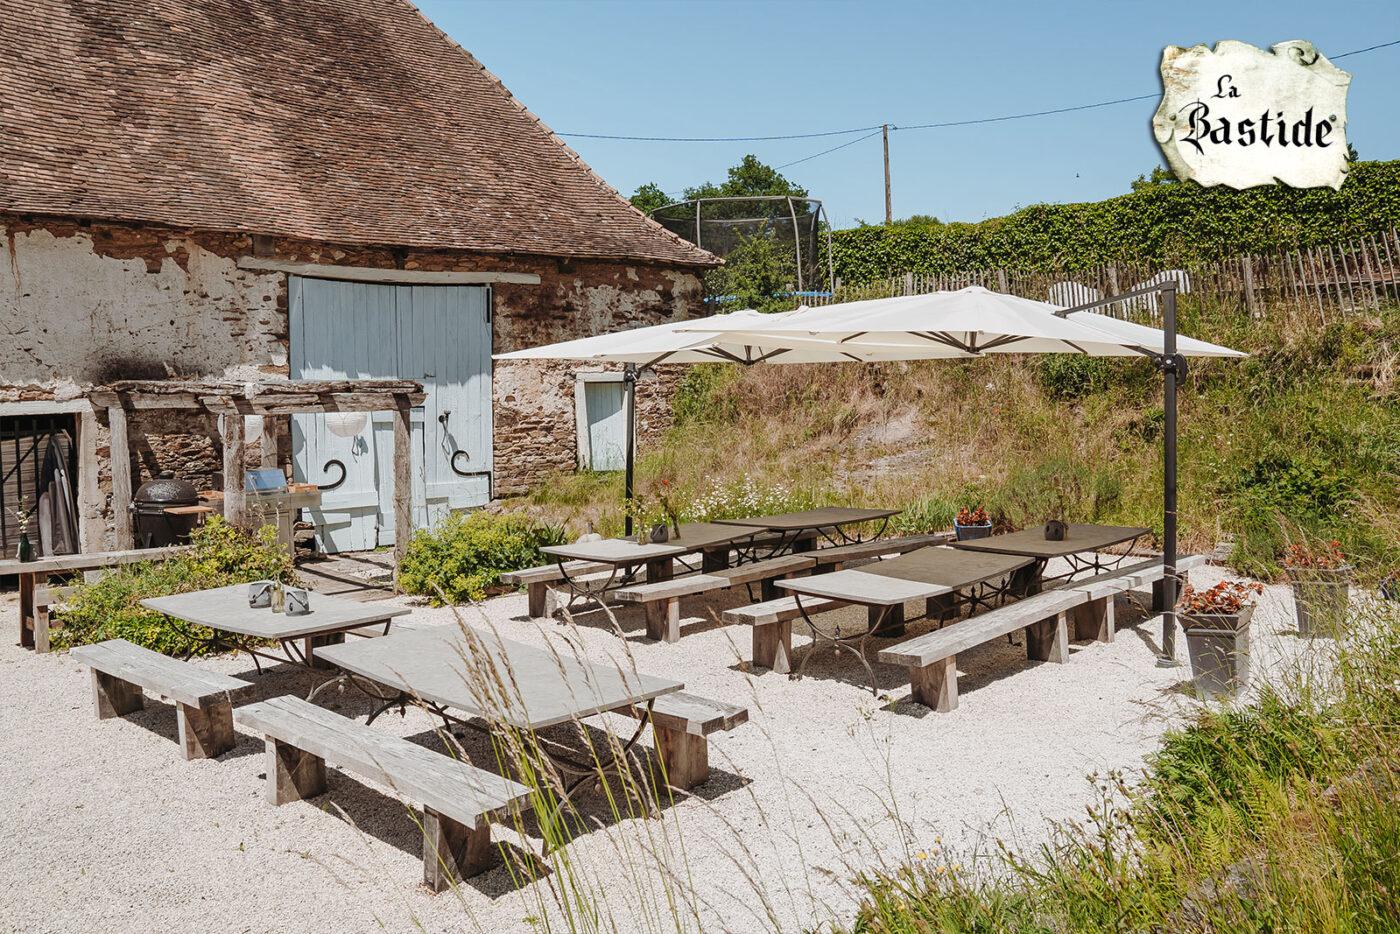 Eten en Loungen La-Bastide vakantiedomein bbq plek voor het oude koetshuis